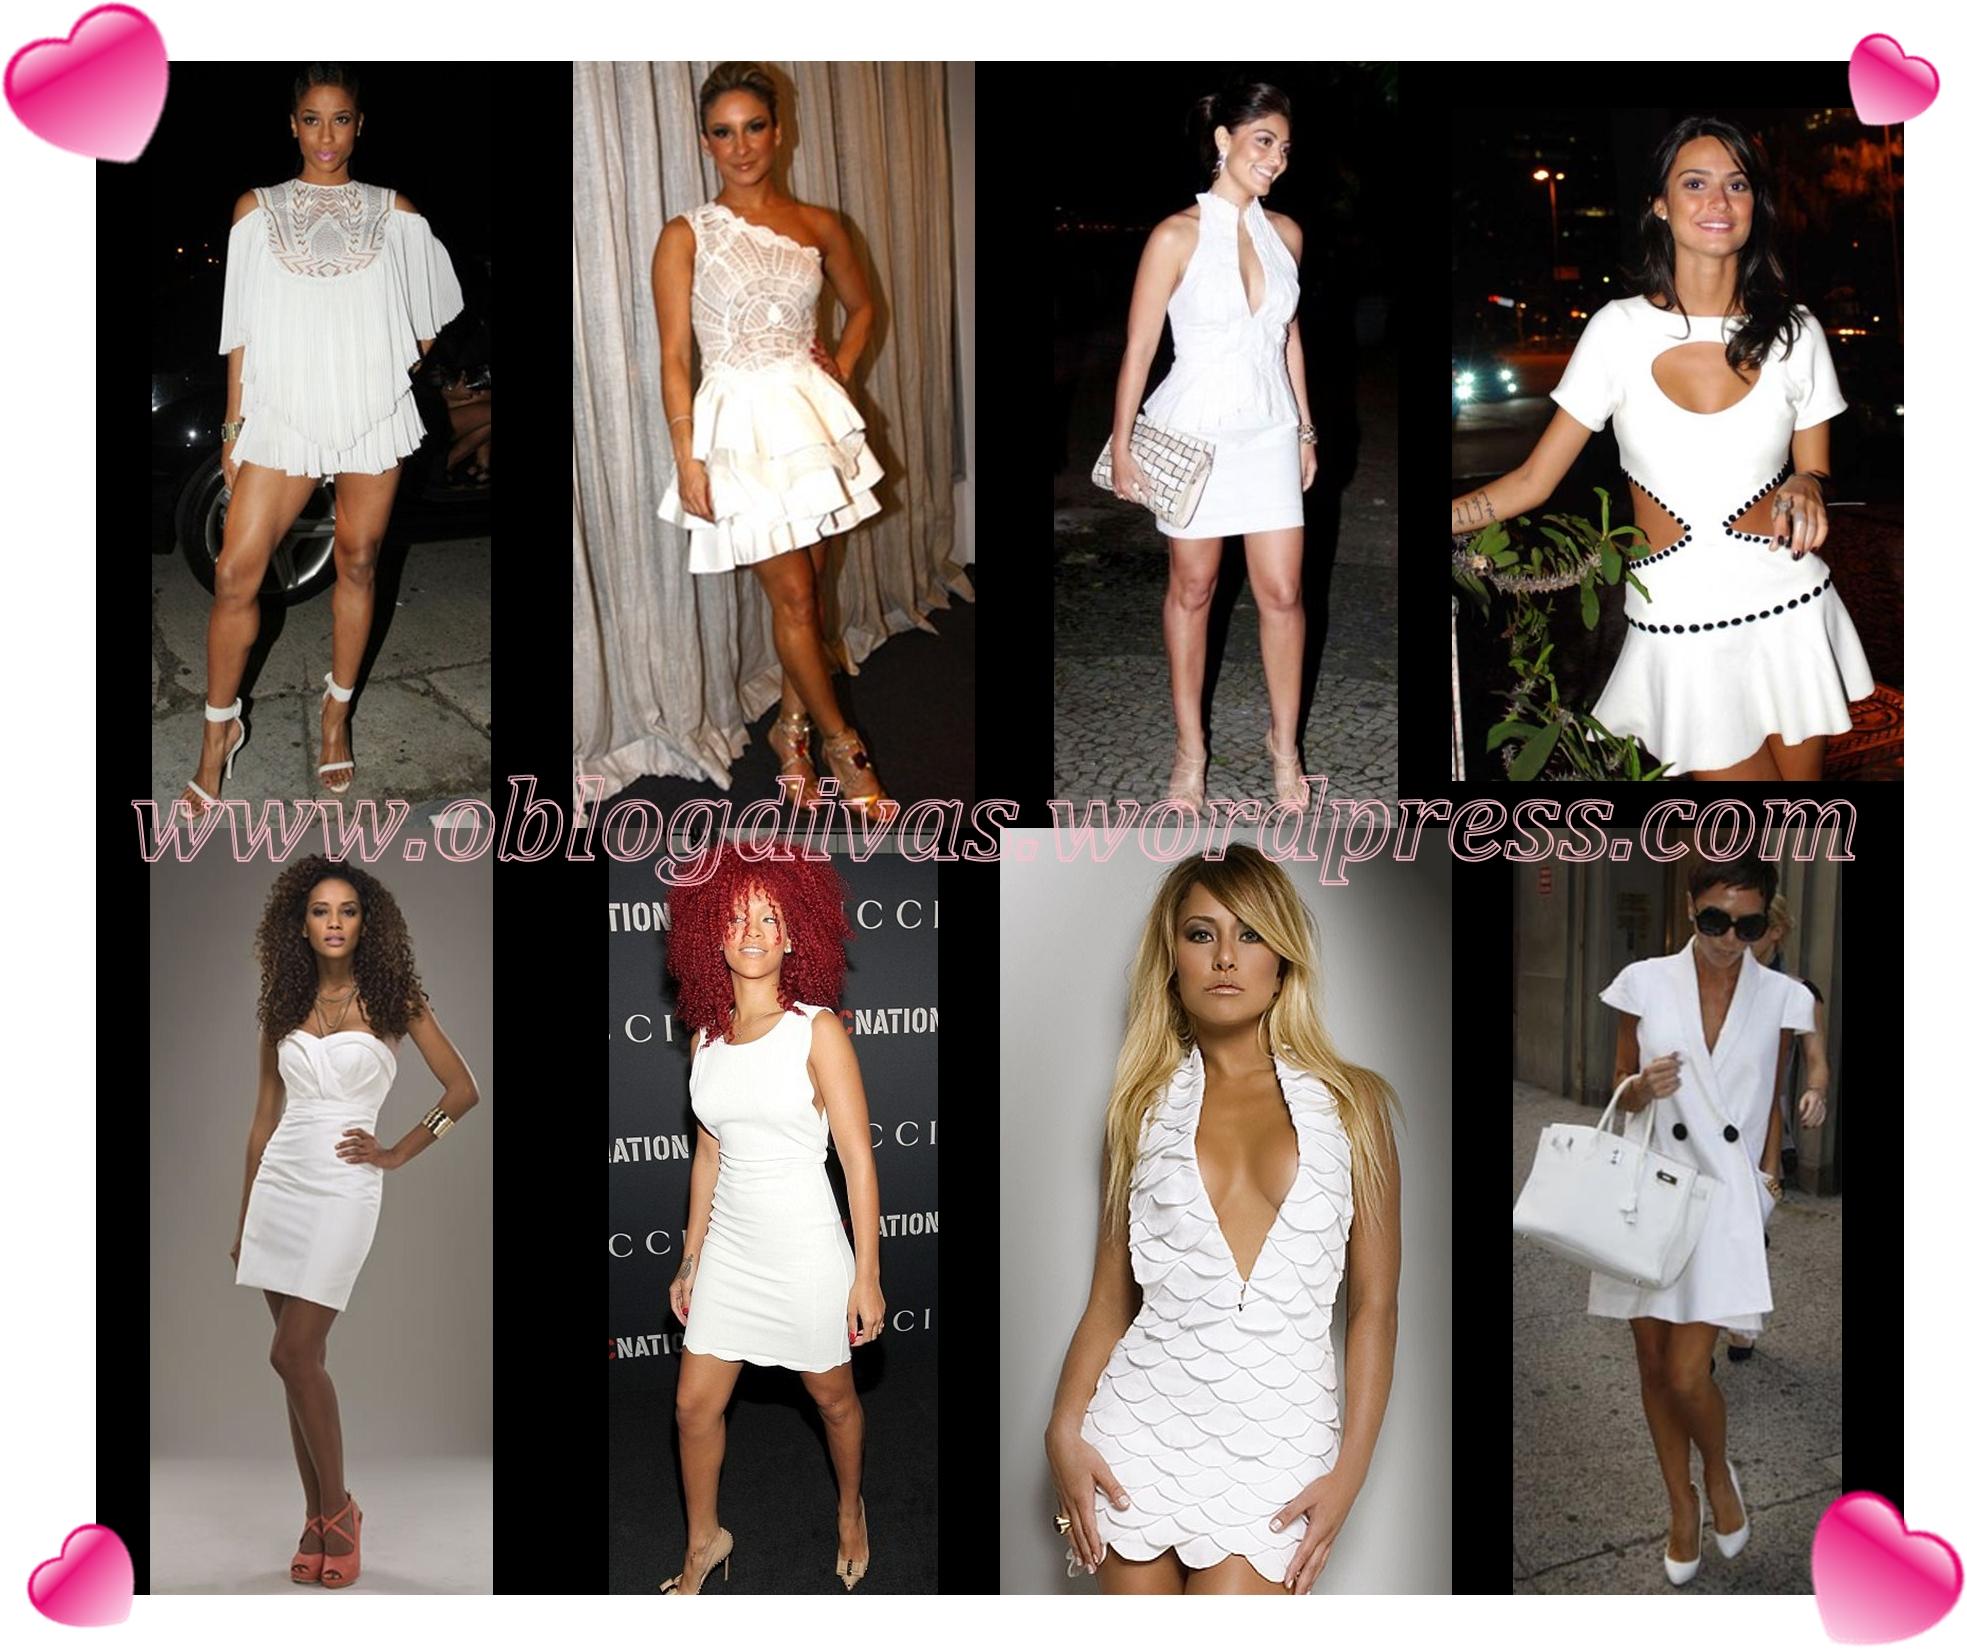 VESTIDOS DE FESTA CURTOS 2010-2011 - vestidos.mine.nu